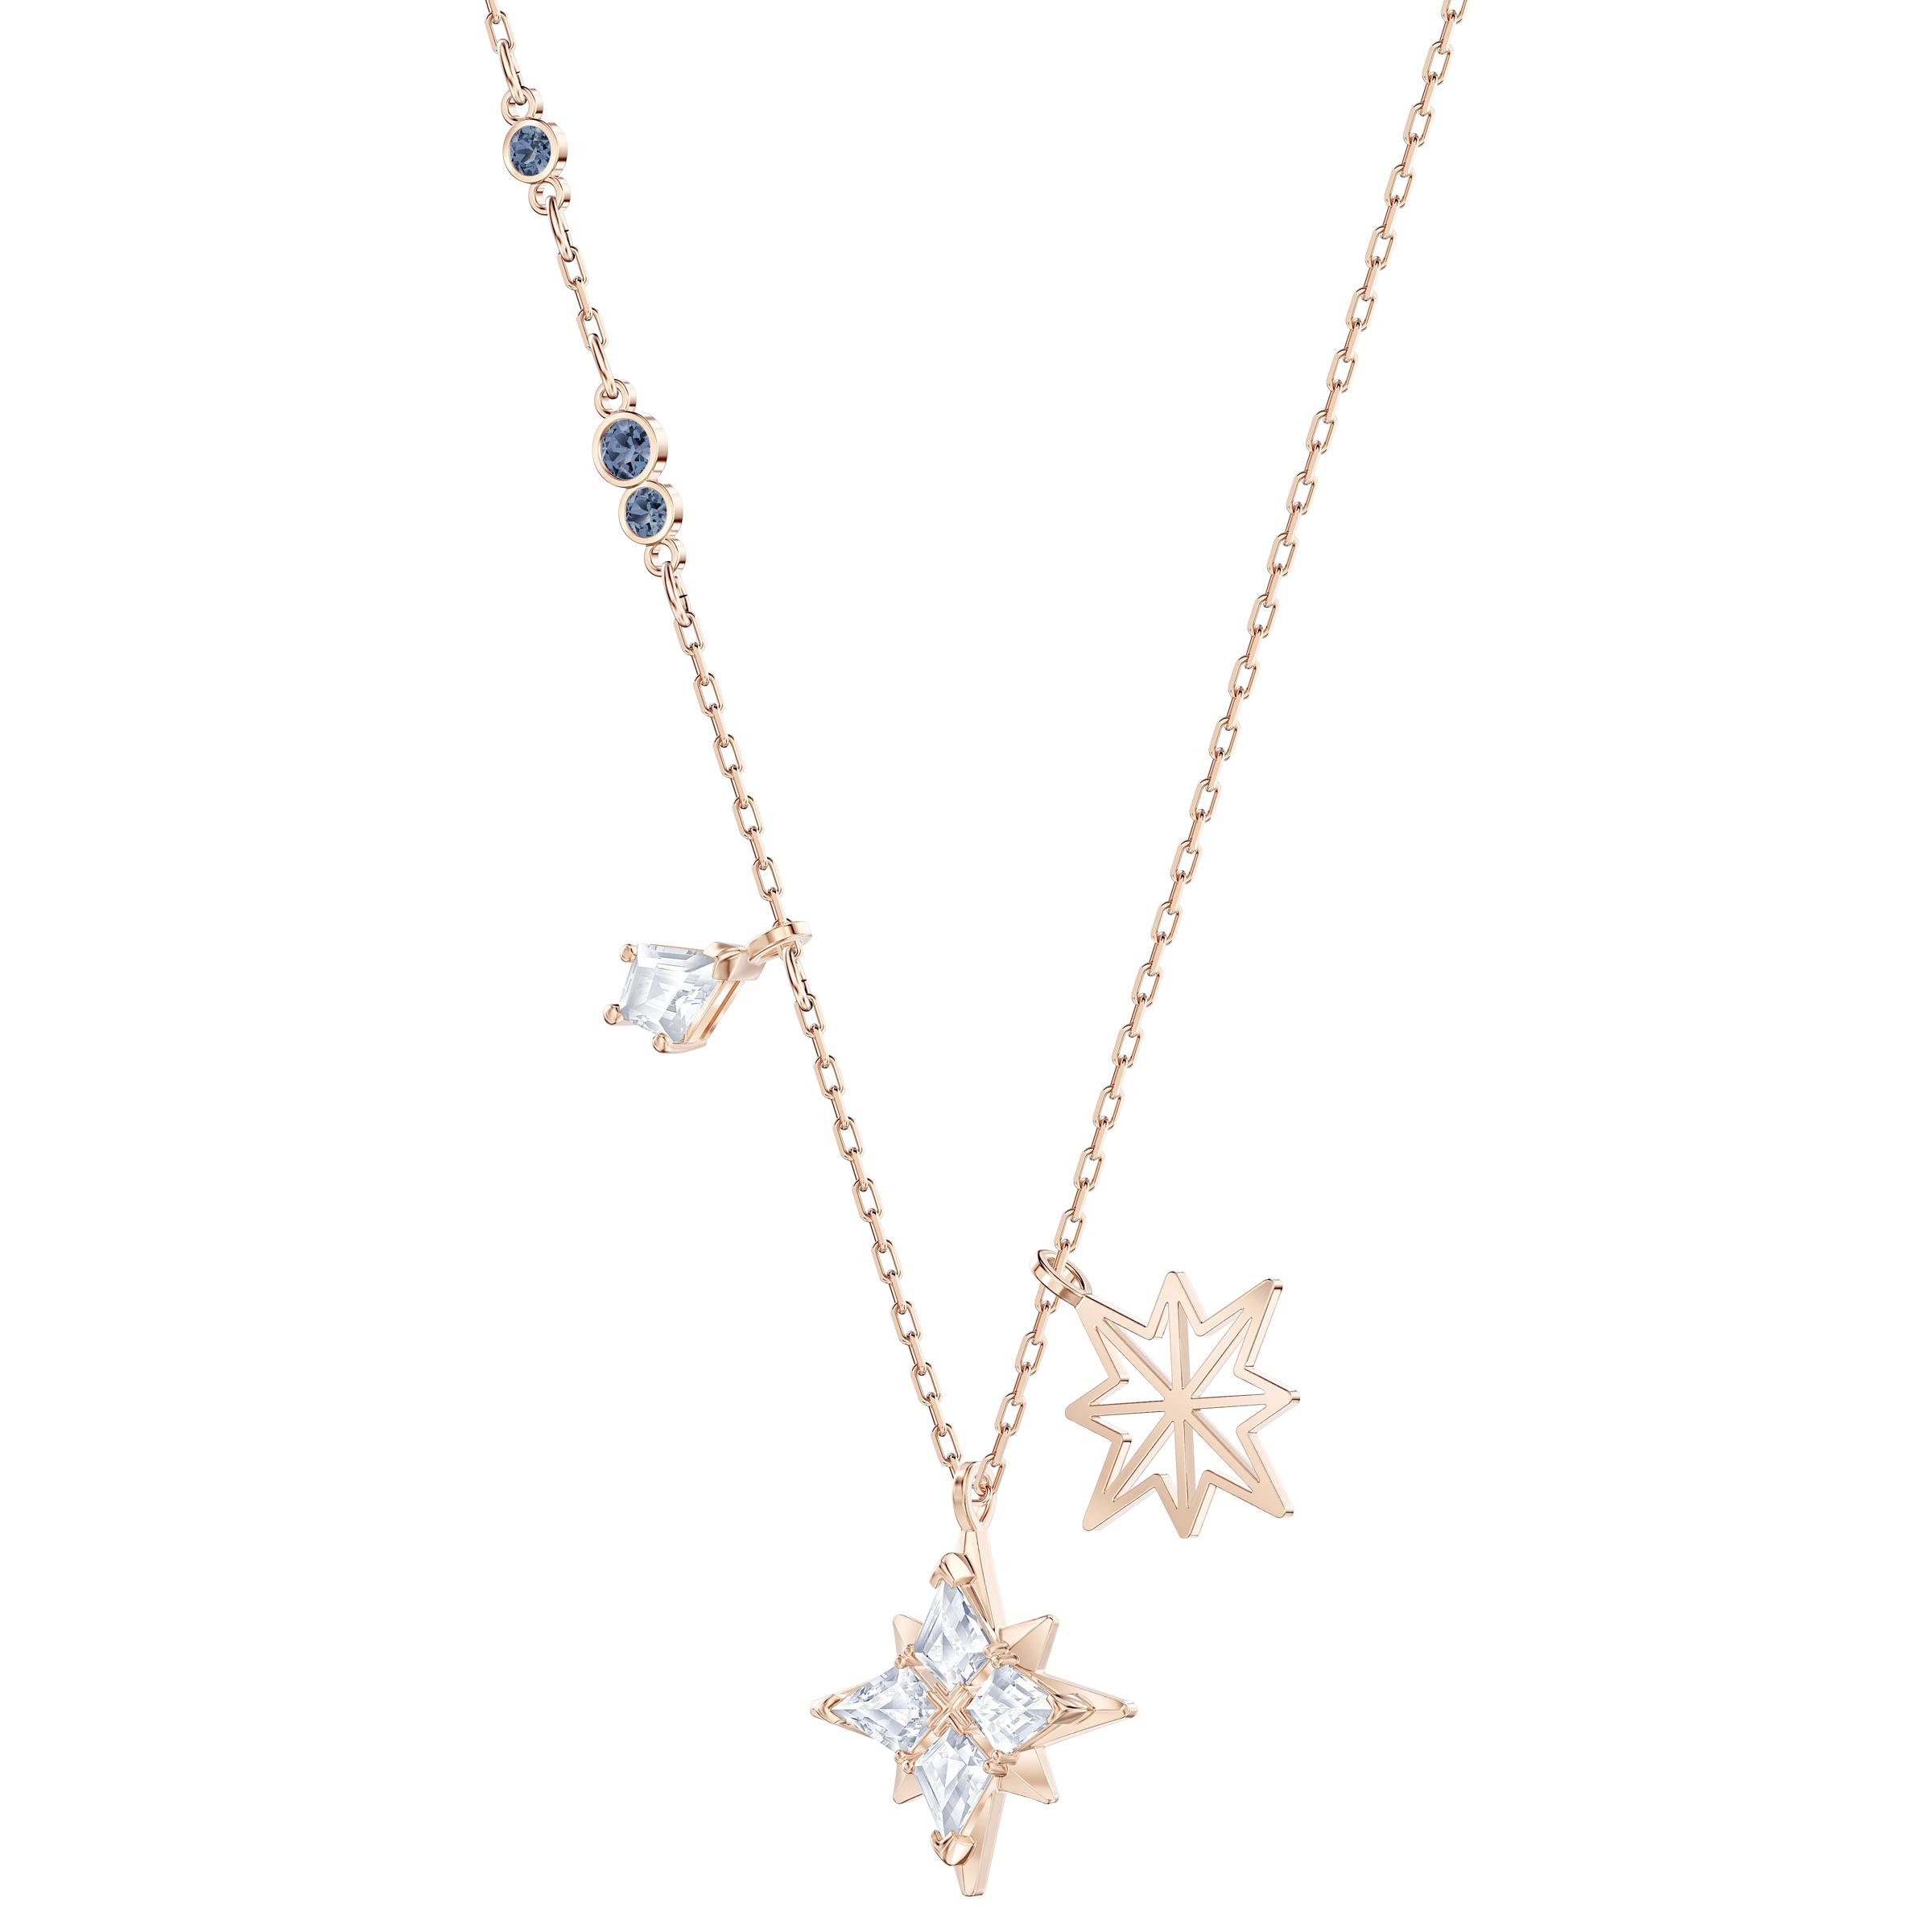 Pendentif Swarovski Symbolic Star, blanc, Métal doré rose, Swarovski